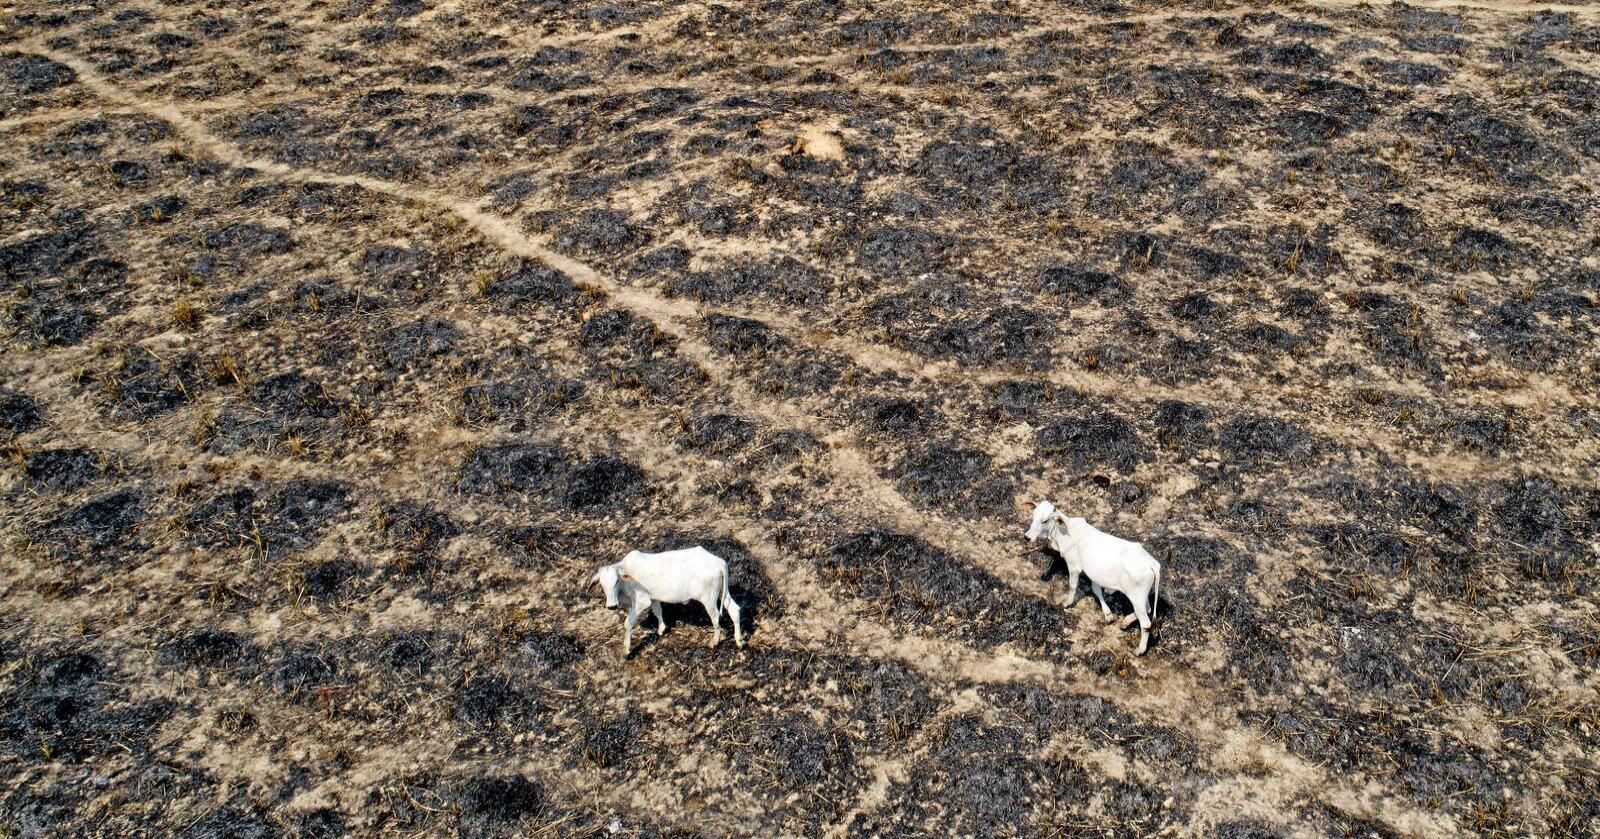 Brasil har de siste årene opplevd økt avskoging til landbruksarealer. Foto: André Penner / AP / NTB